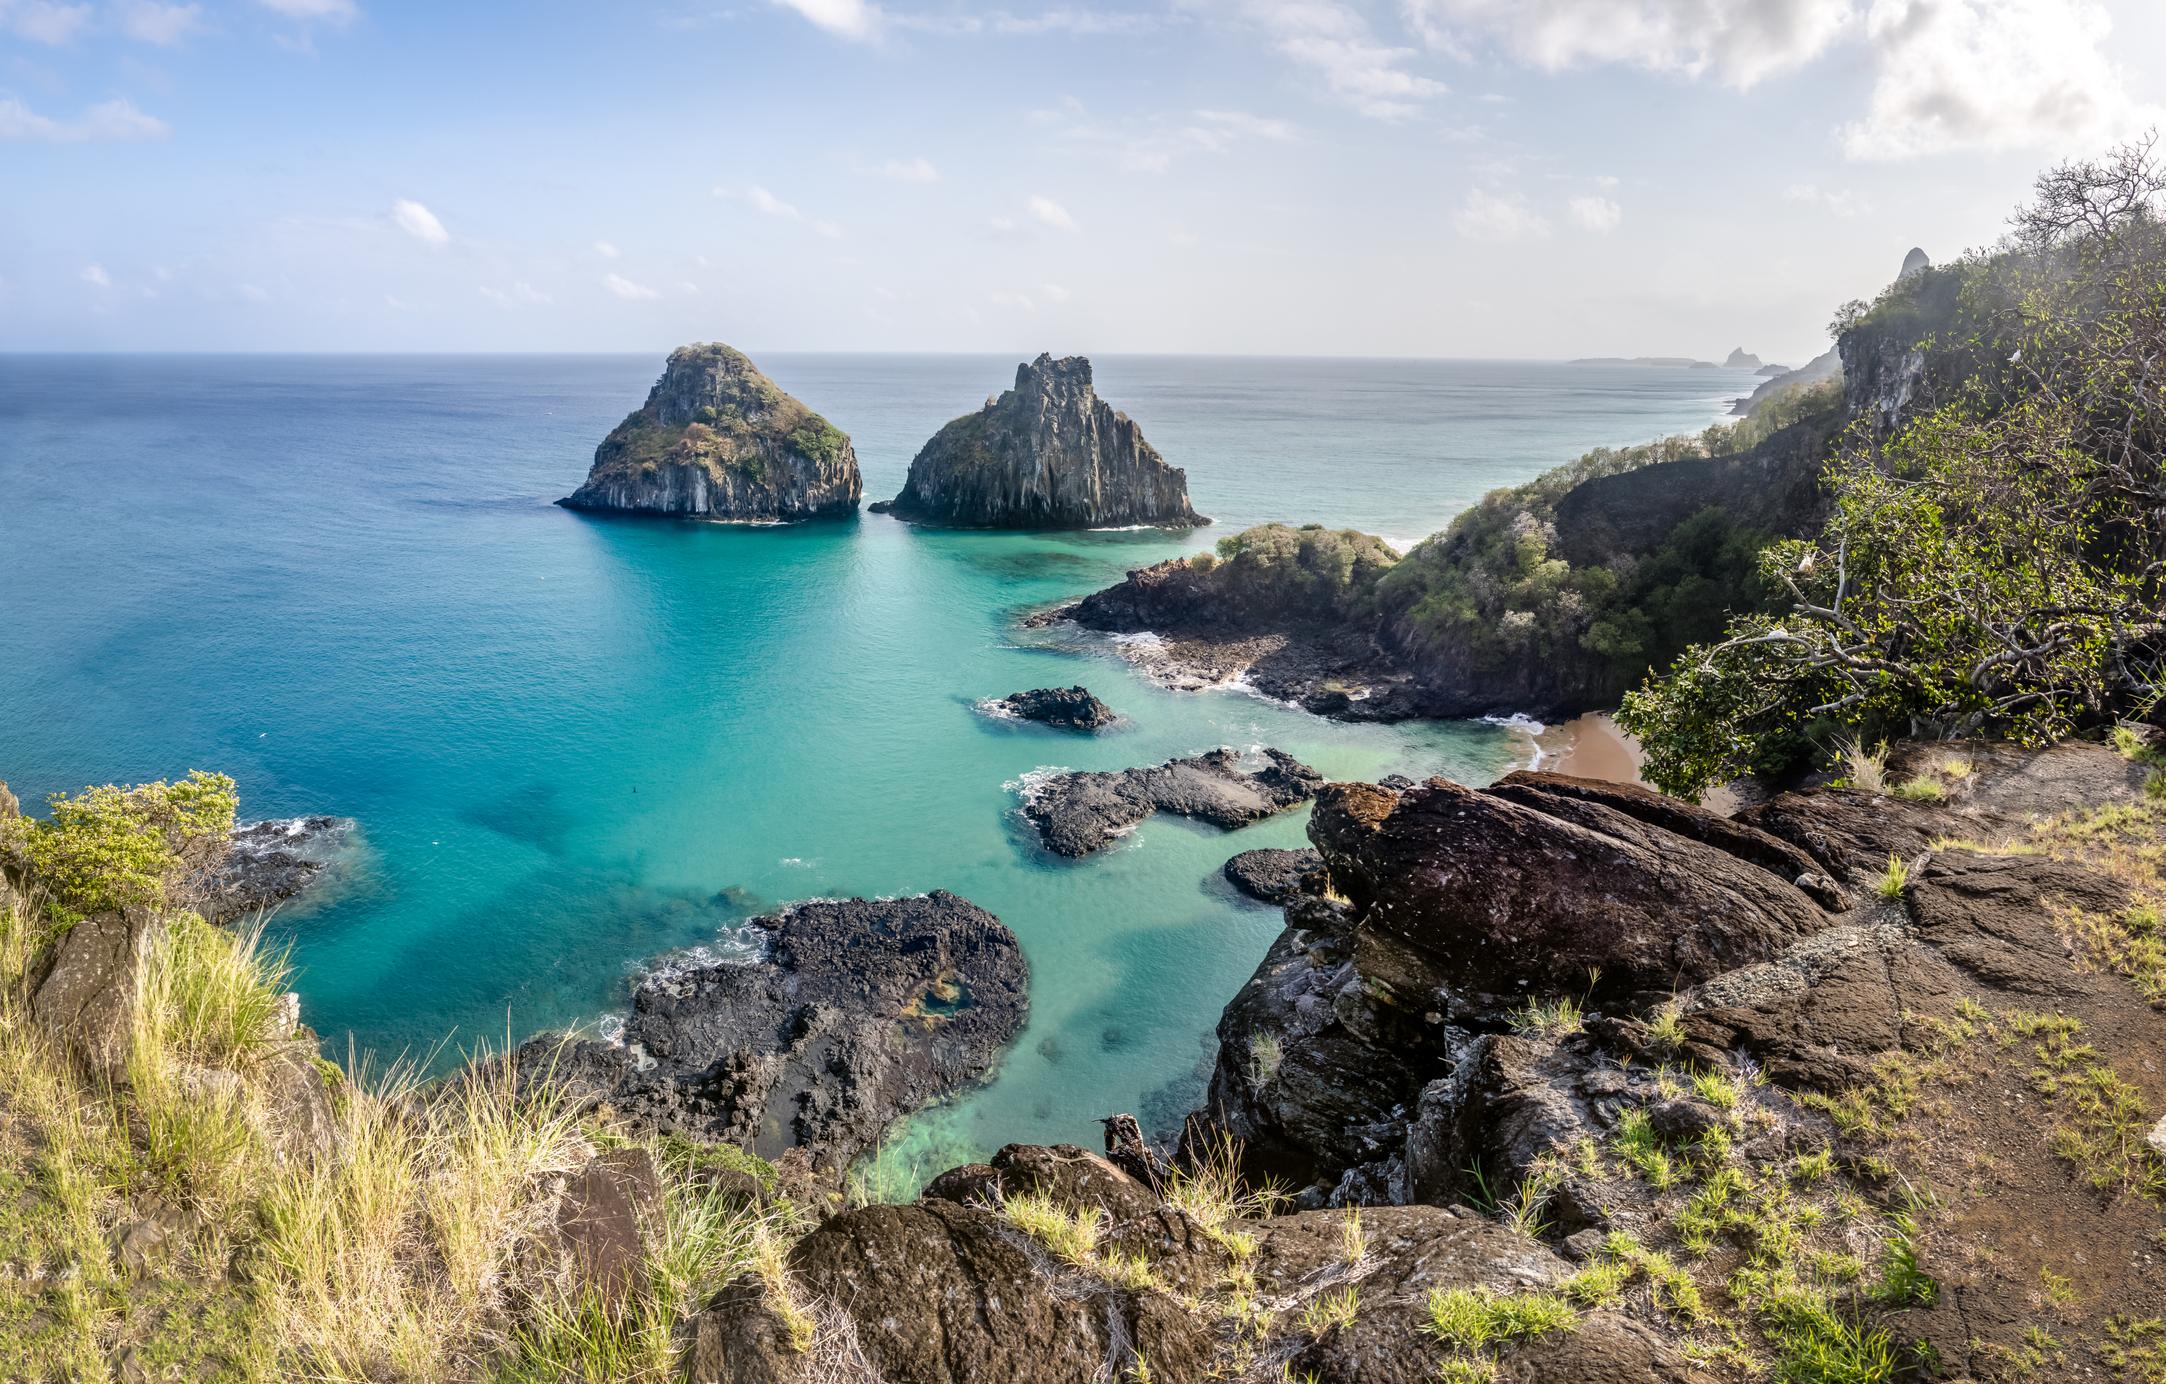 Brazylia TOP 9 Turystyka Bez Granic